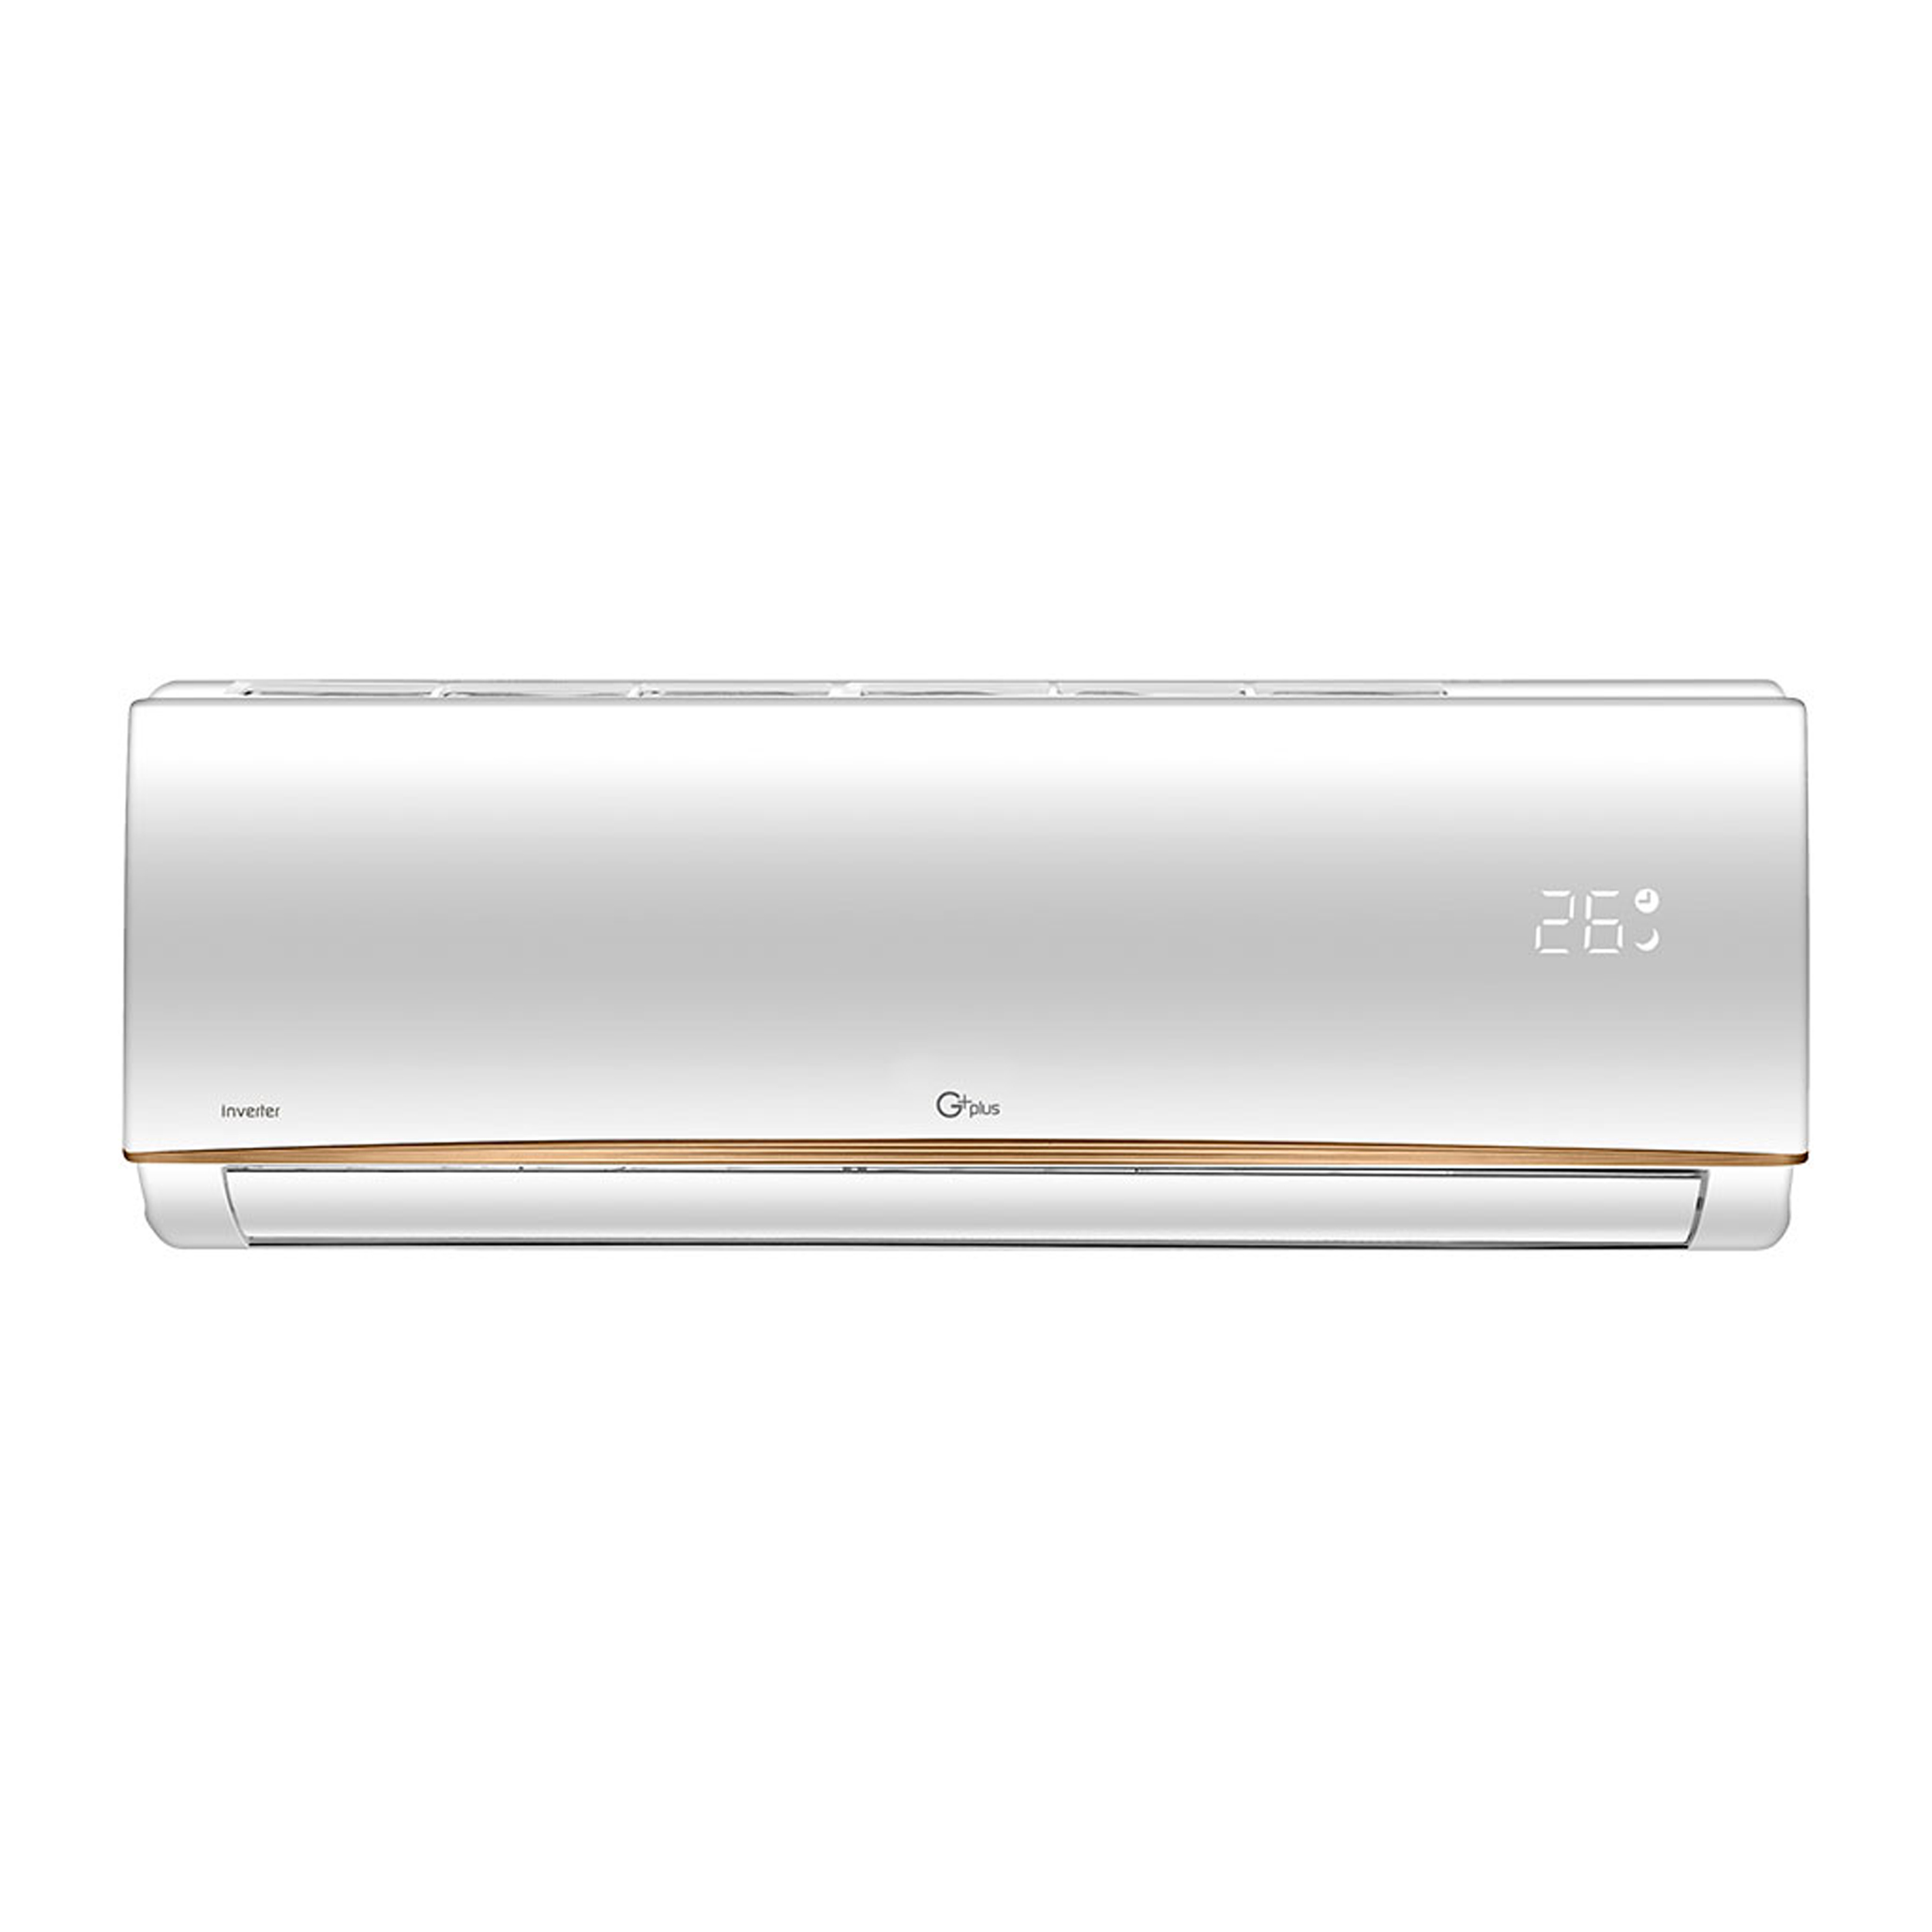 فروش نقدی و اقساطی کولر گازی جی پلاس مدل GAC-TE30LU3 با شرایط ویژه